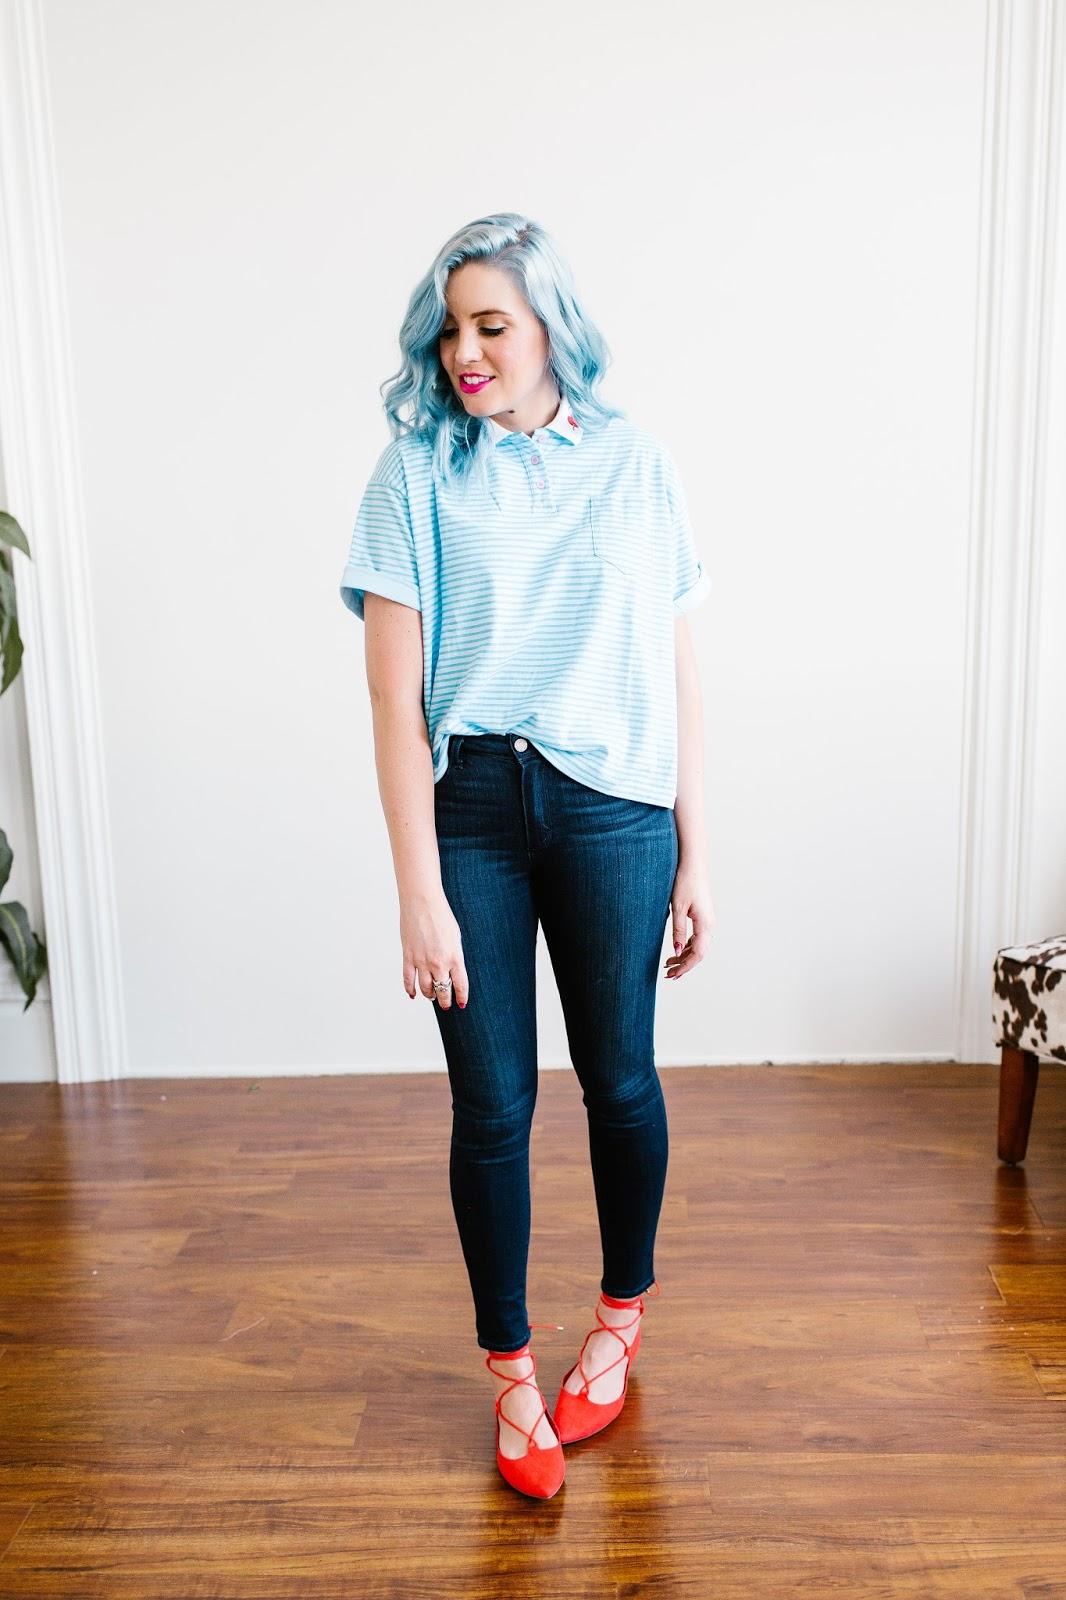 Red Flats, Paige Denim, Paige Jeans